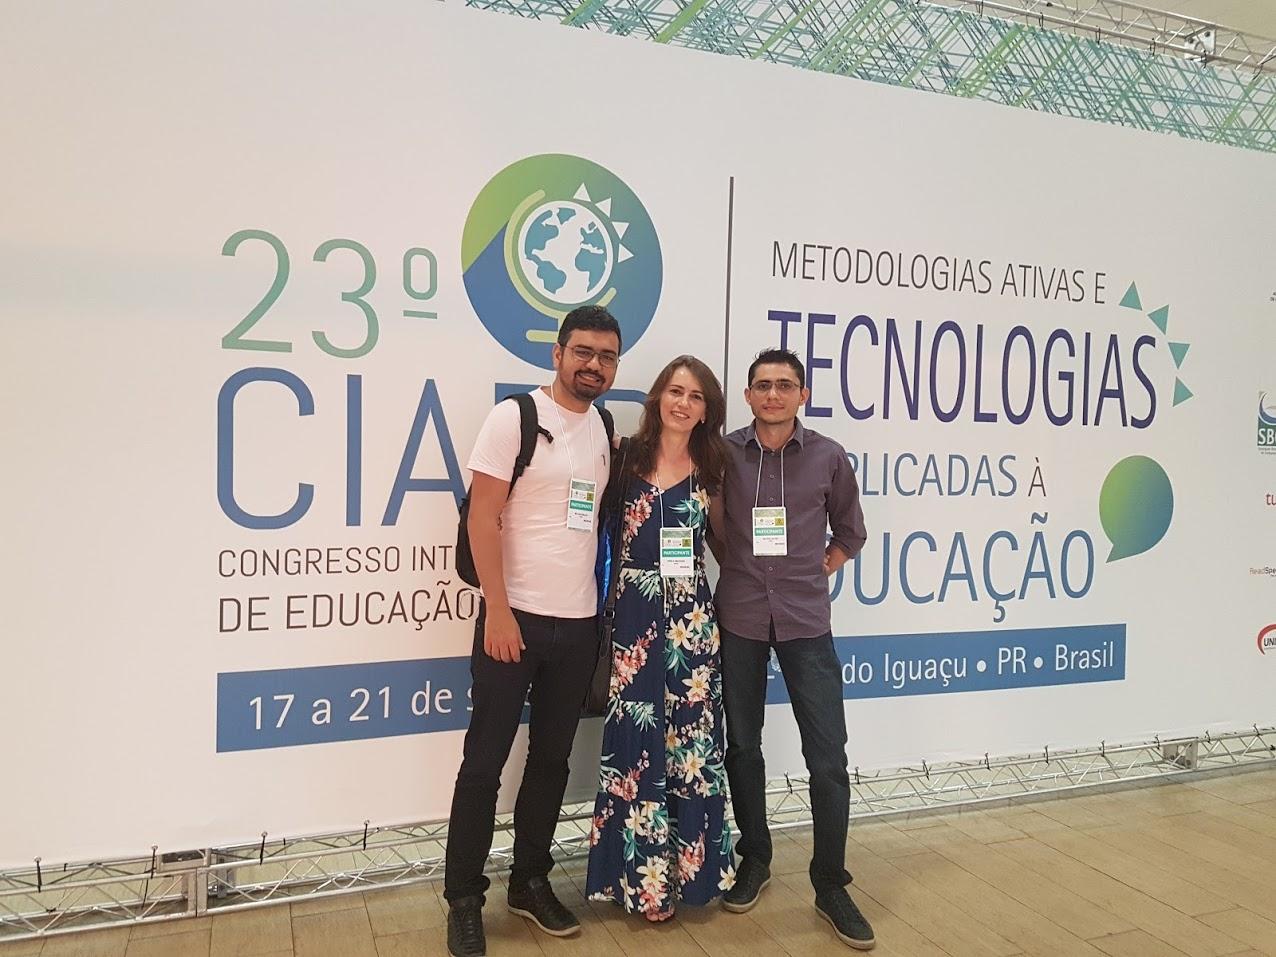 23º Ciaed – Congresso Internacional de Educação a Distância